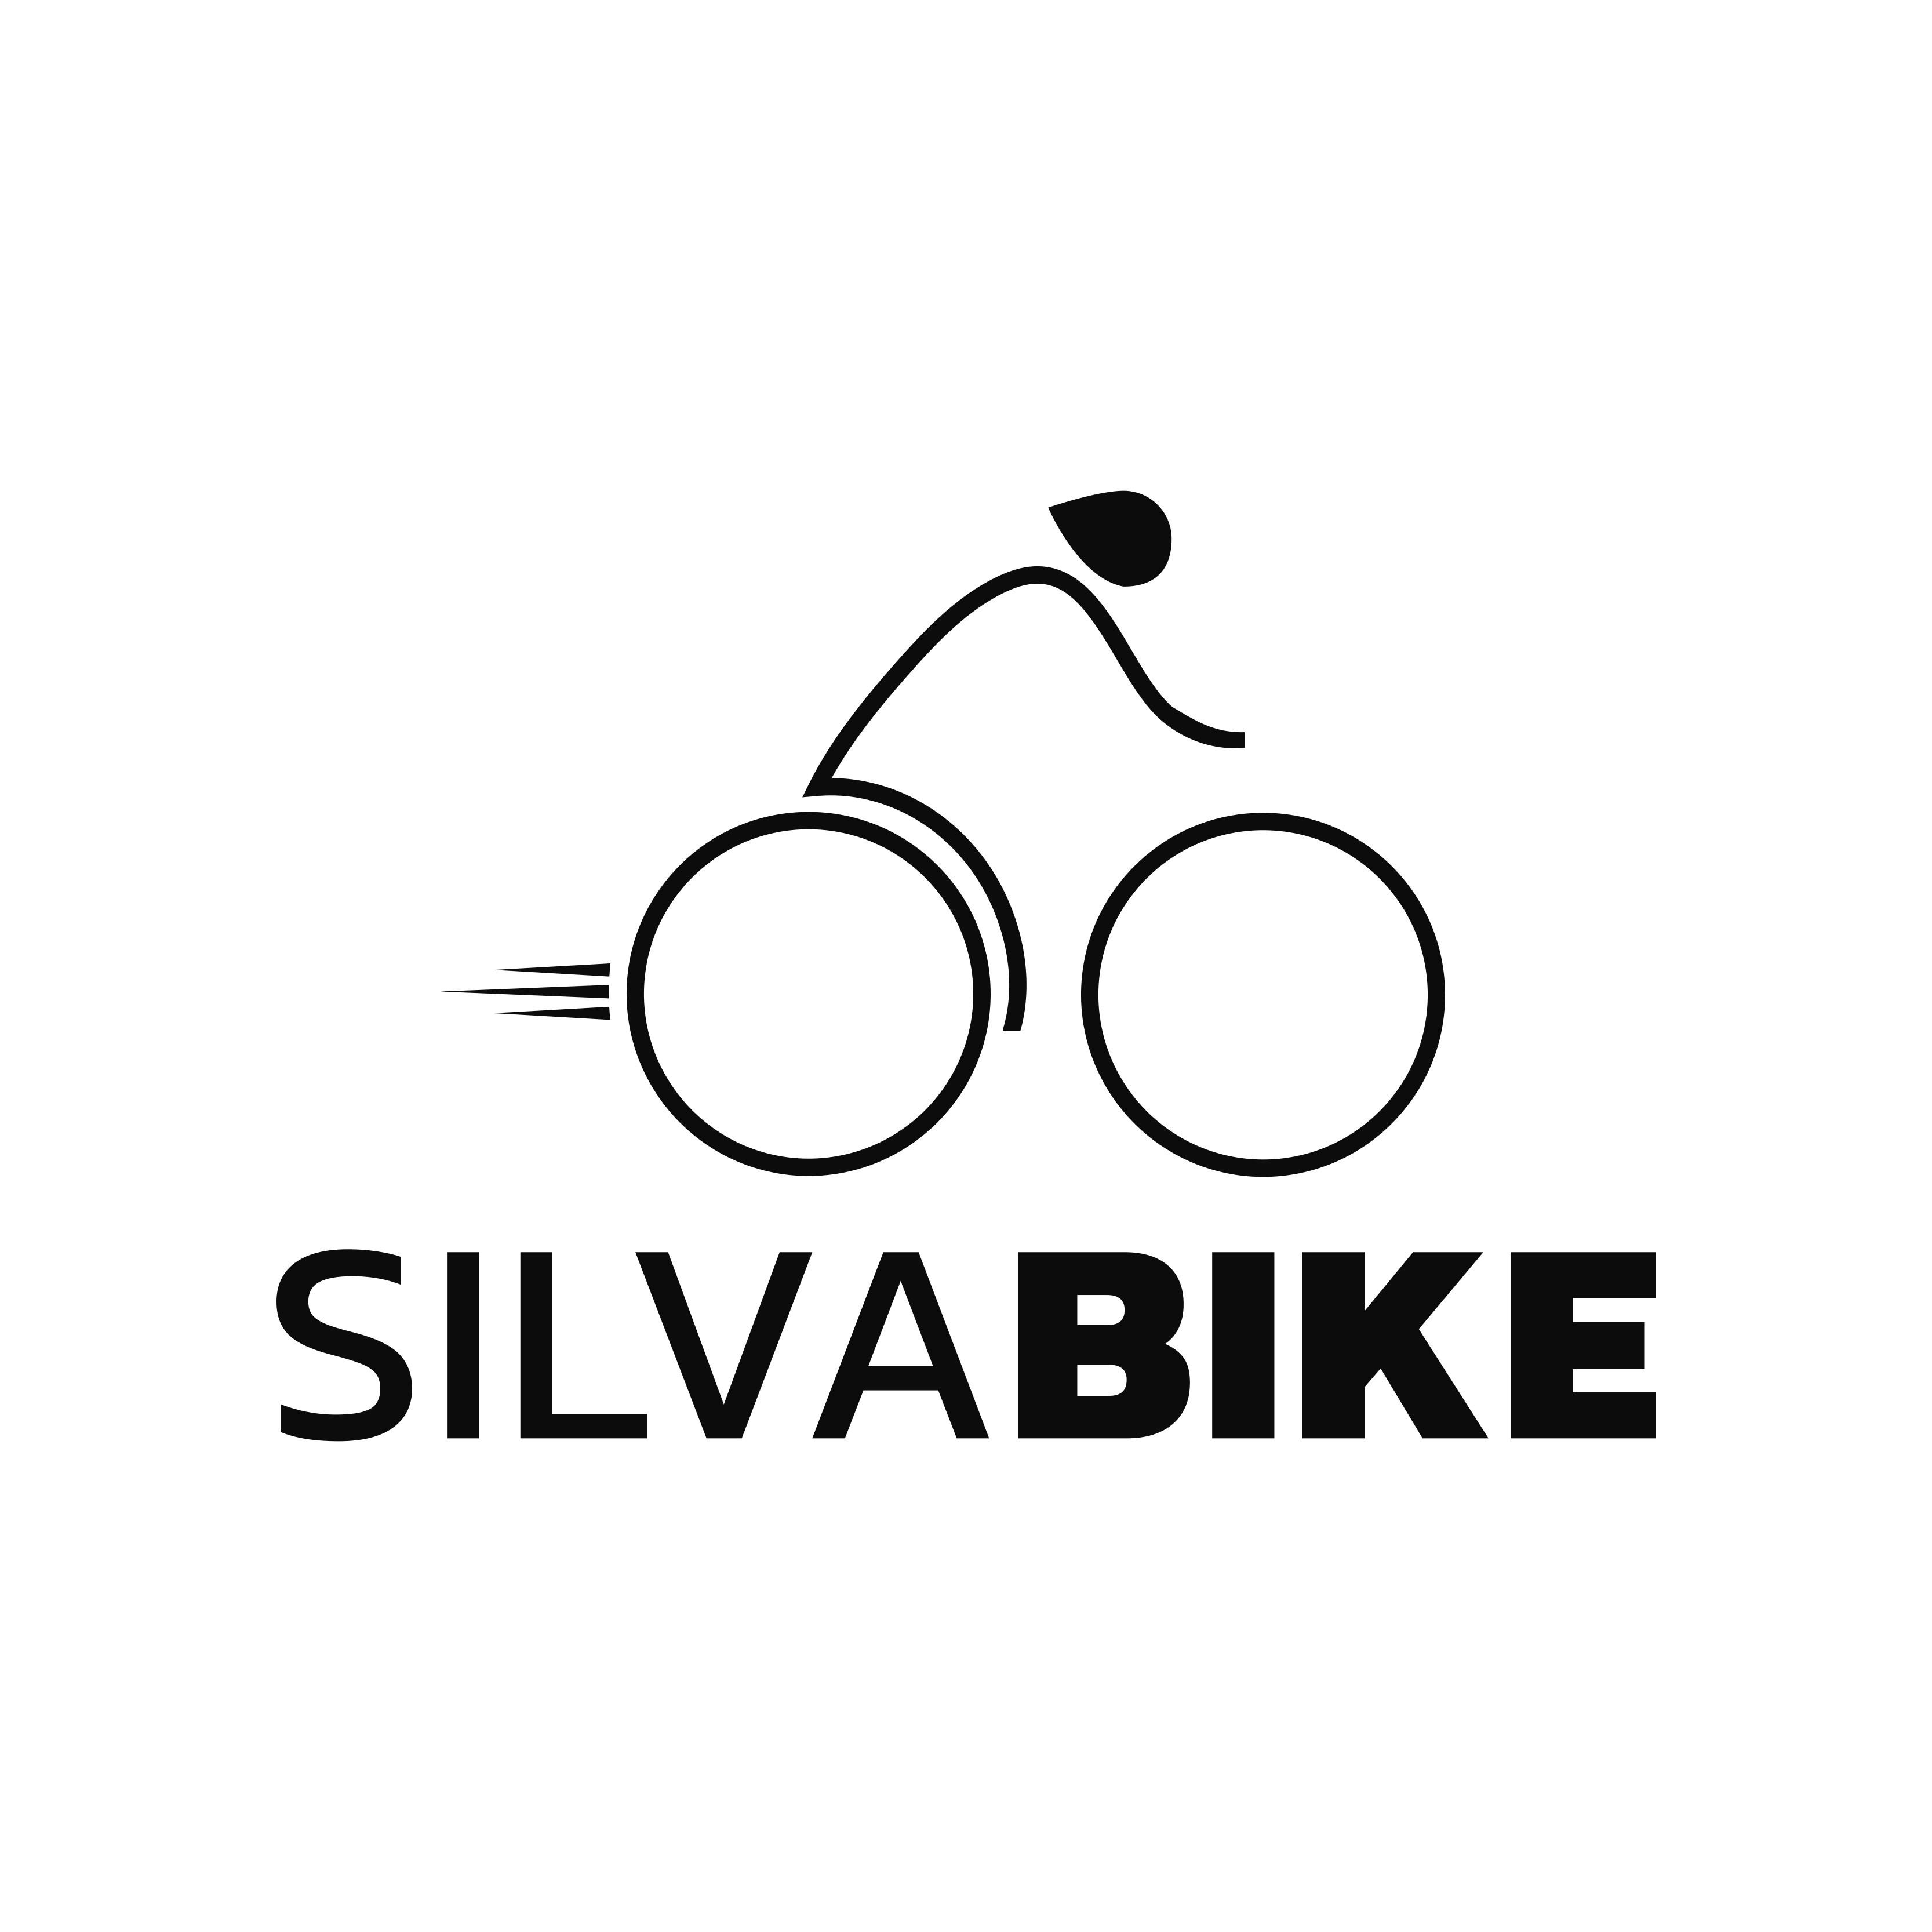 Silvabike